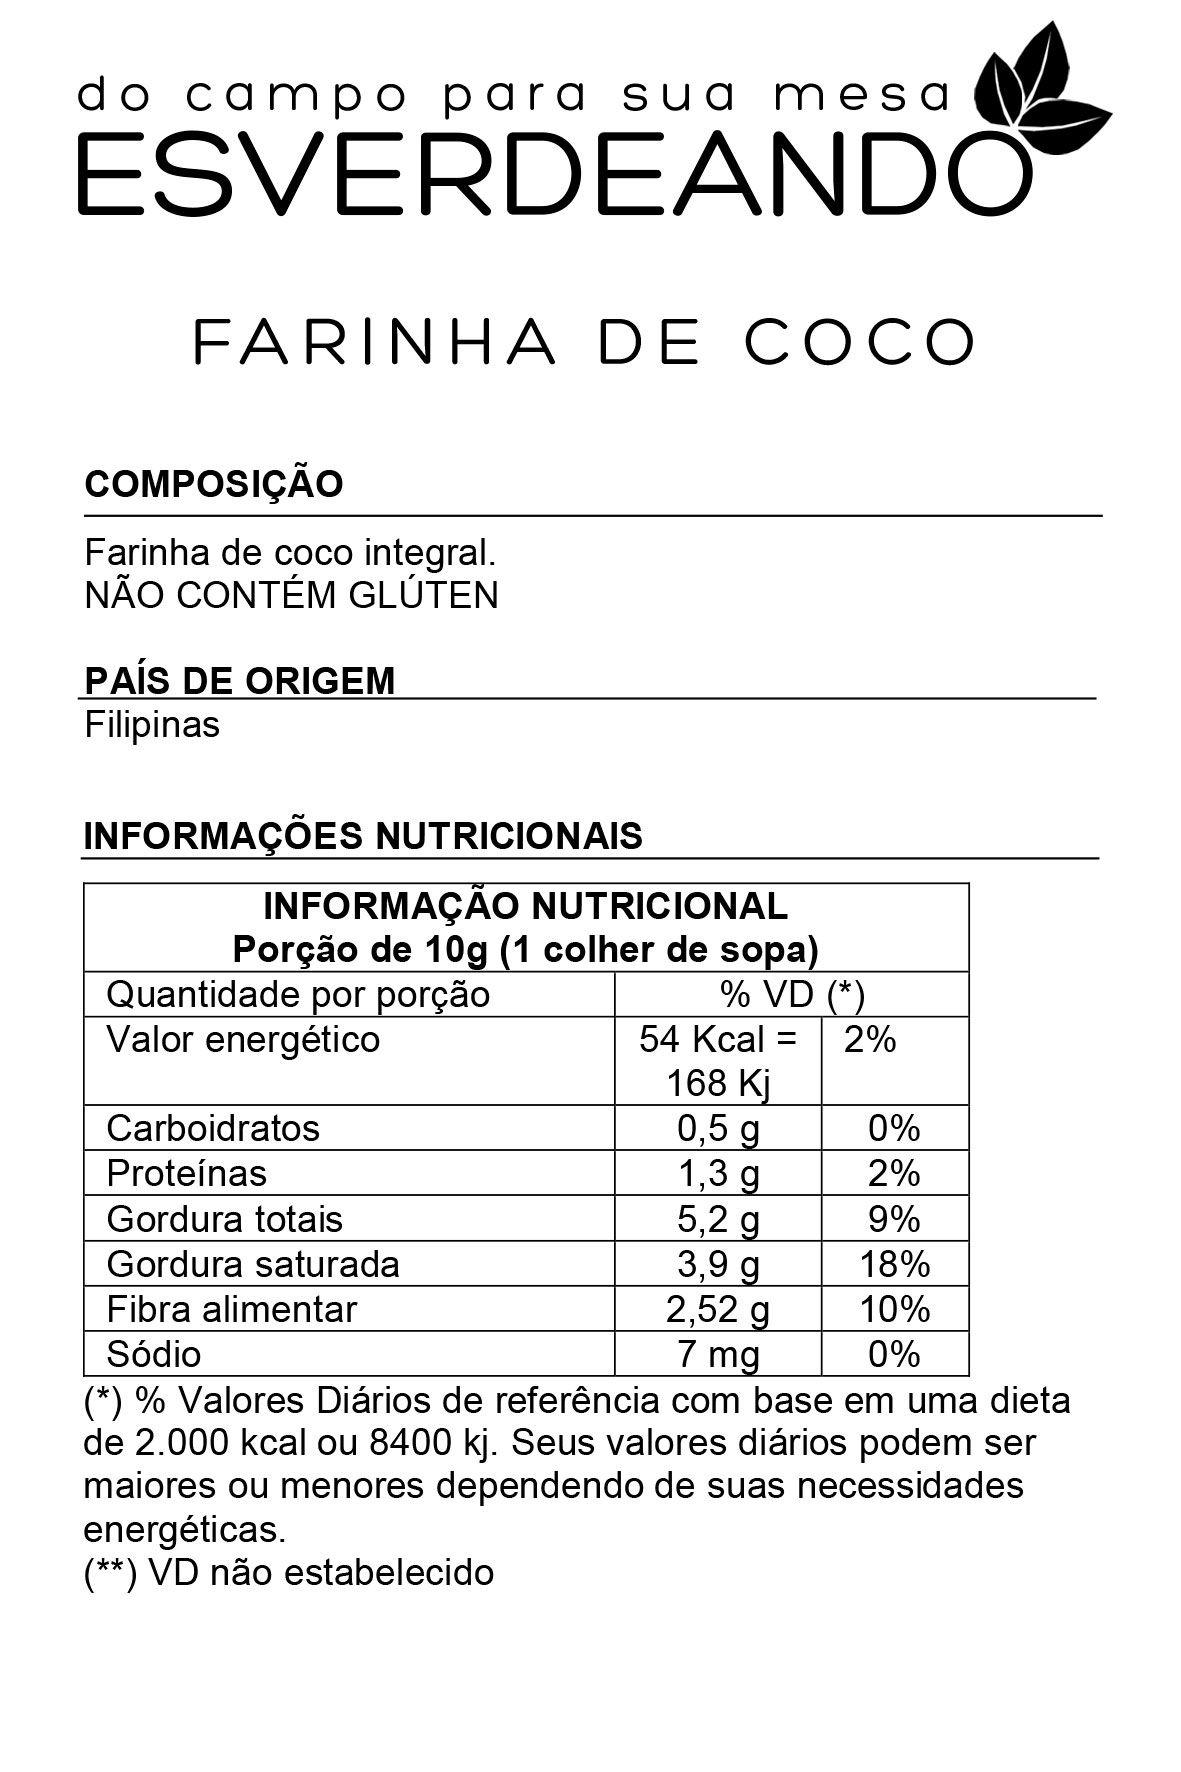 Farinha de Coco Branca Importada 1kg - Esverdeando